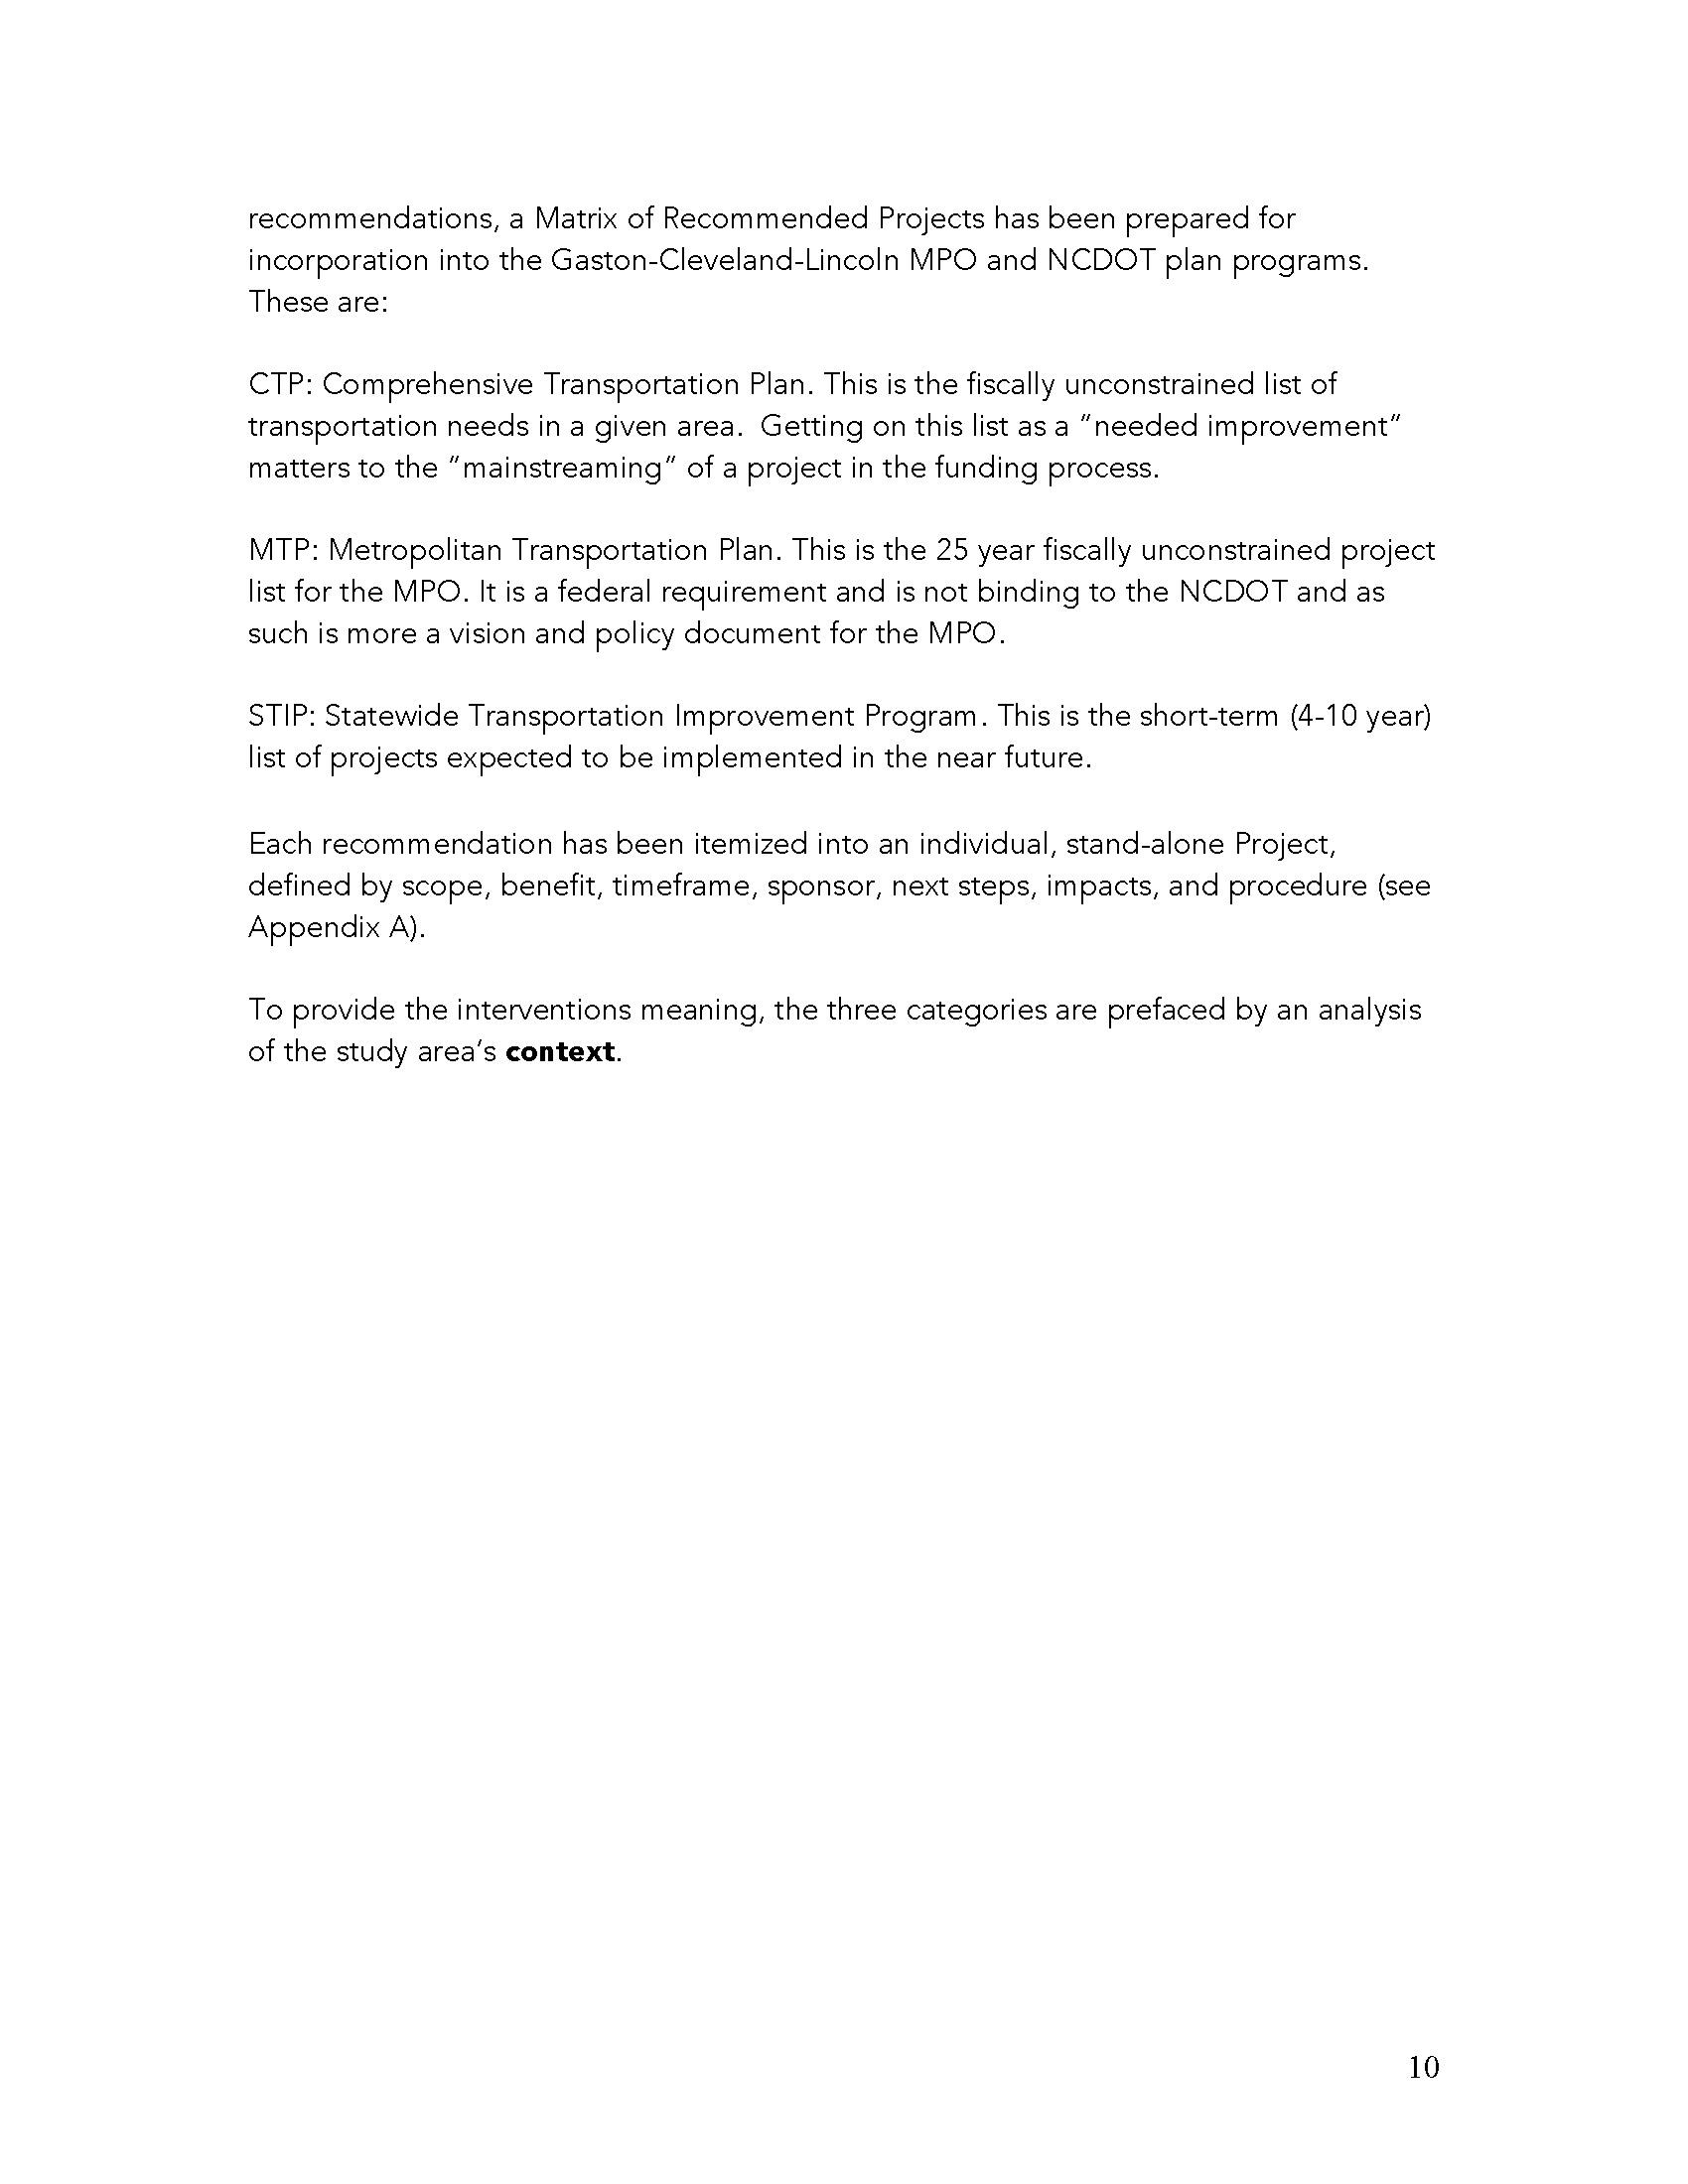 1 WilkinsonBlvd Draft Report 1-22-15 RH_Peter Edit_Page_10.jpg